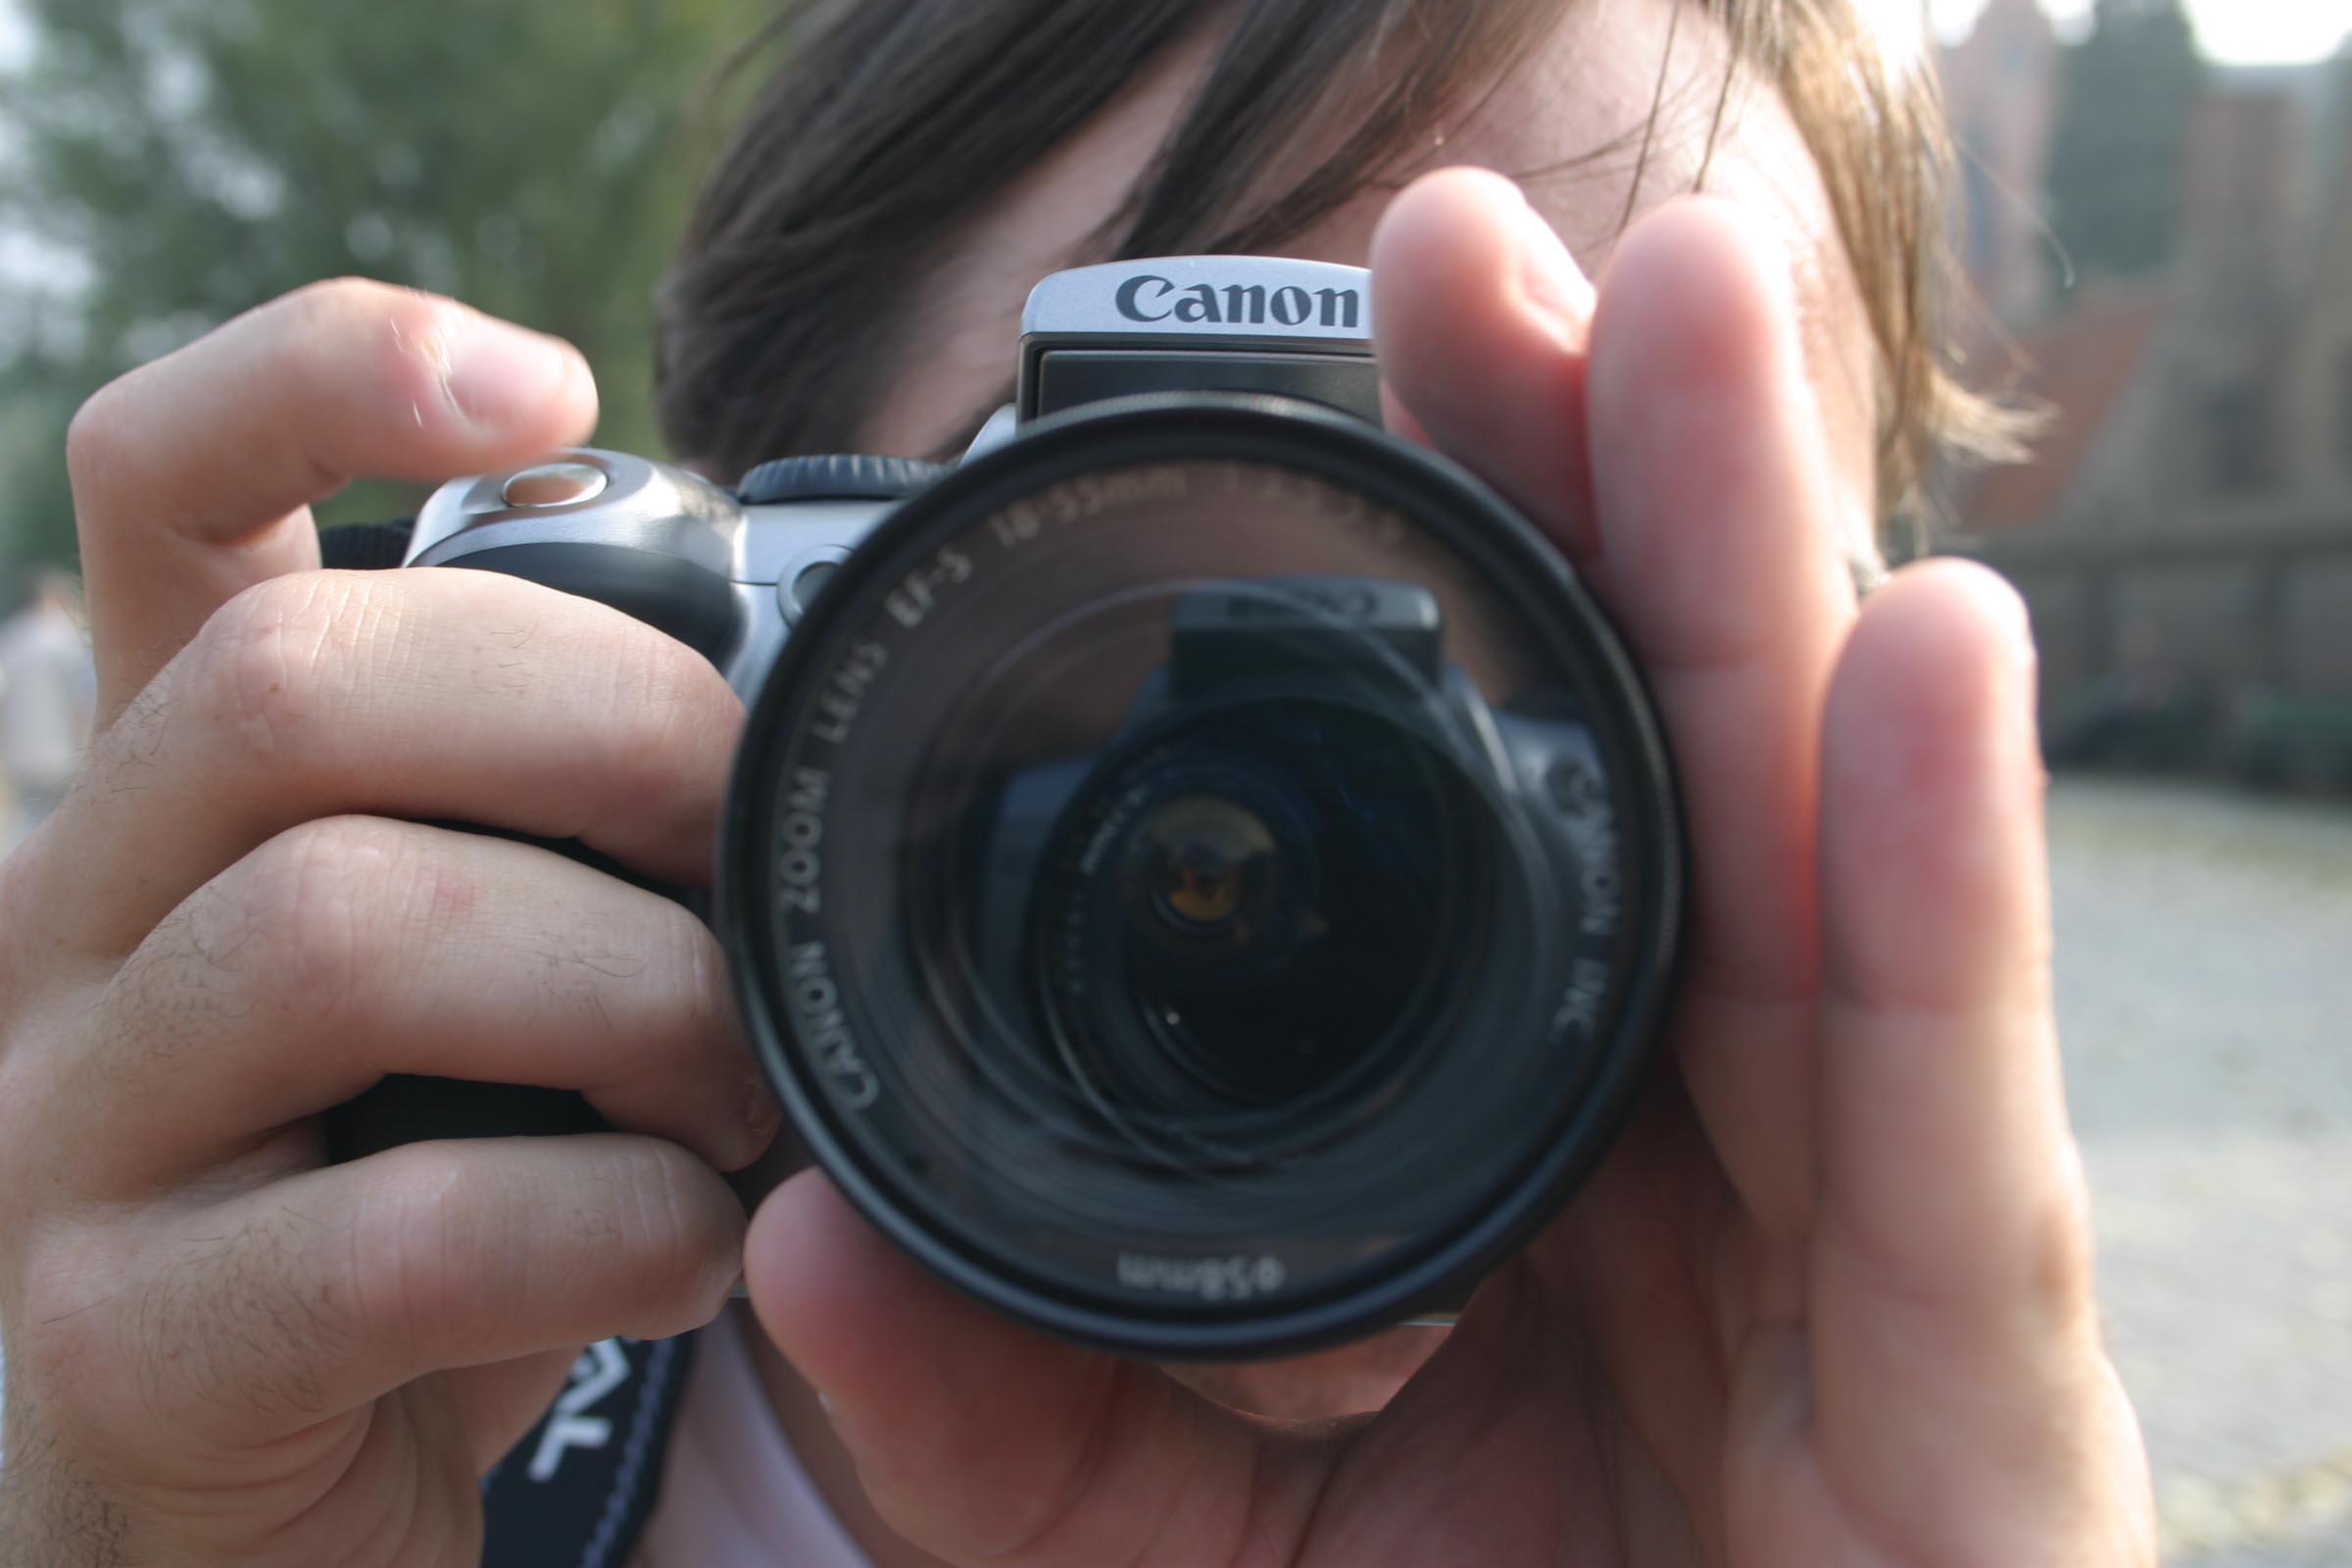 image from Informatie over een lens of objectief